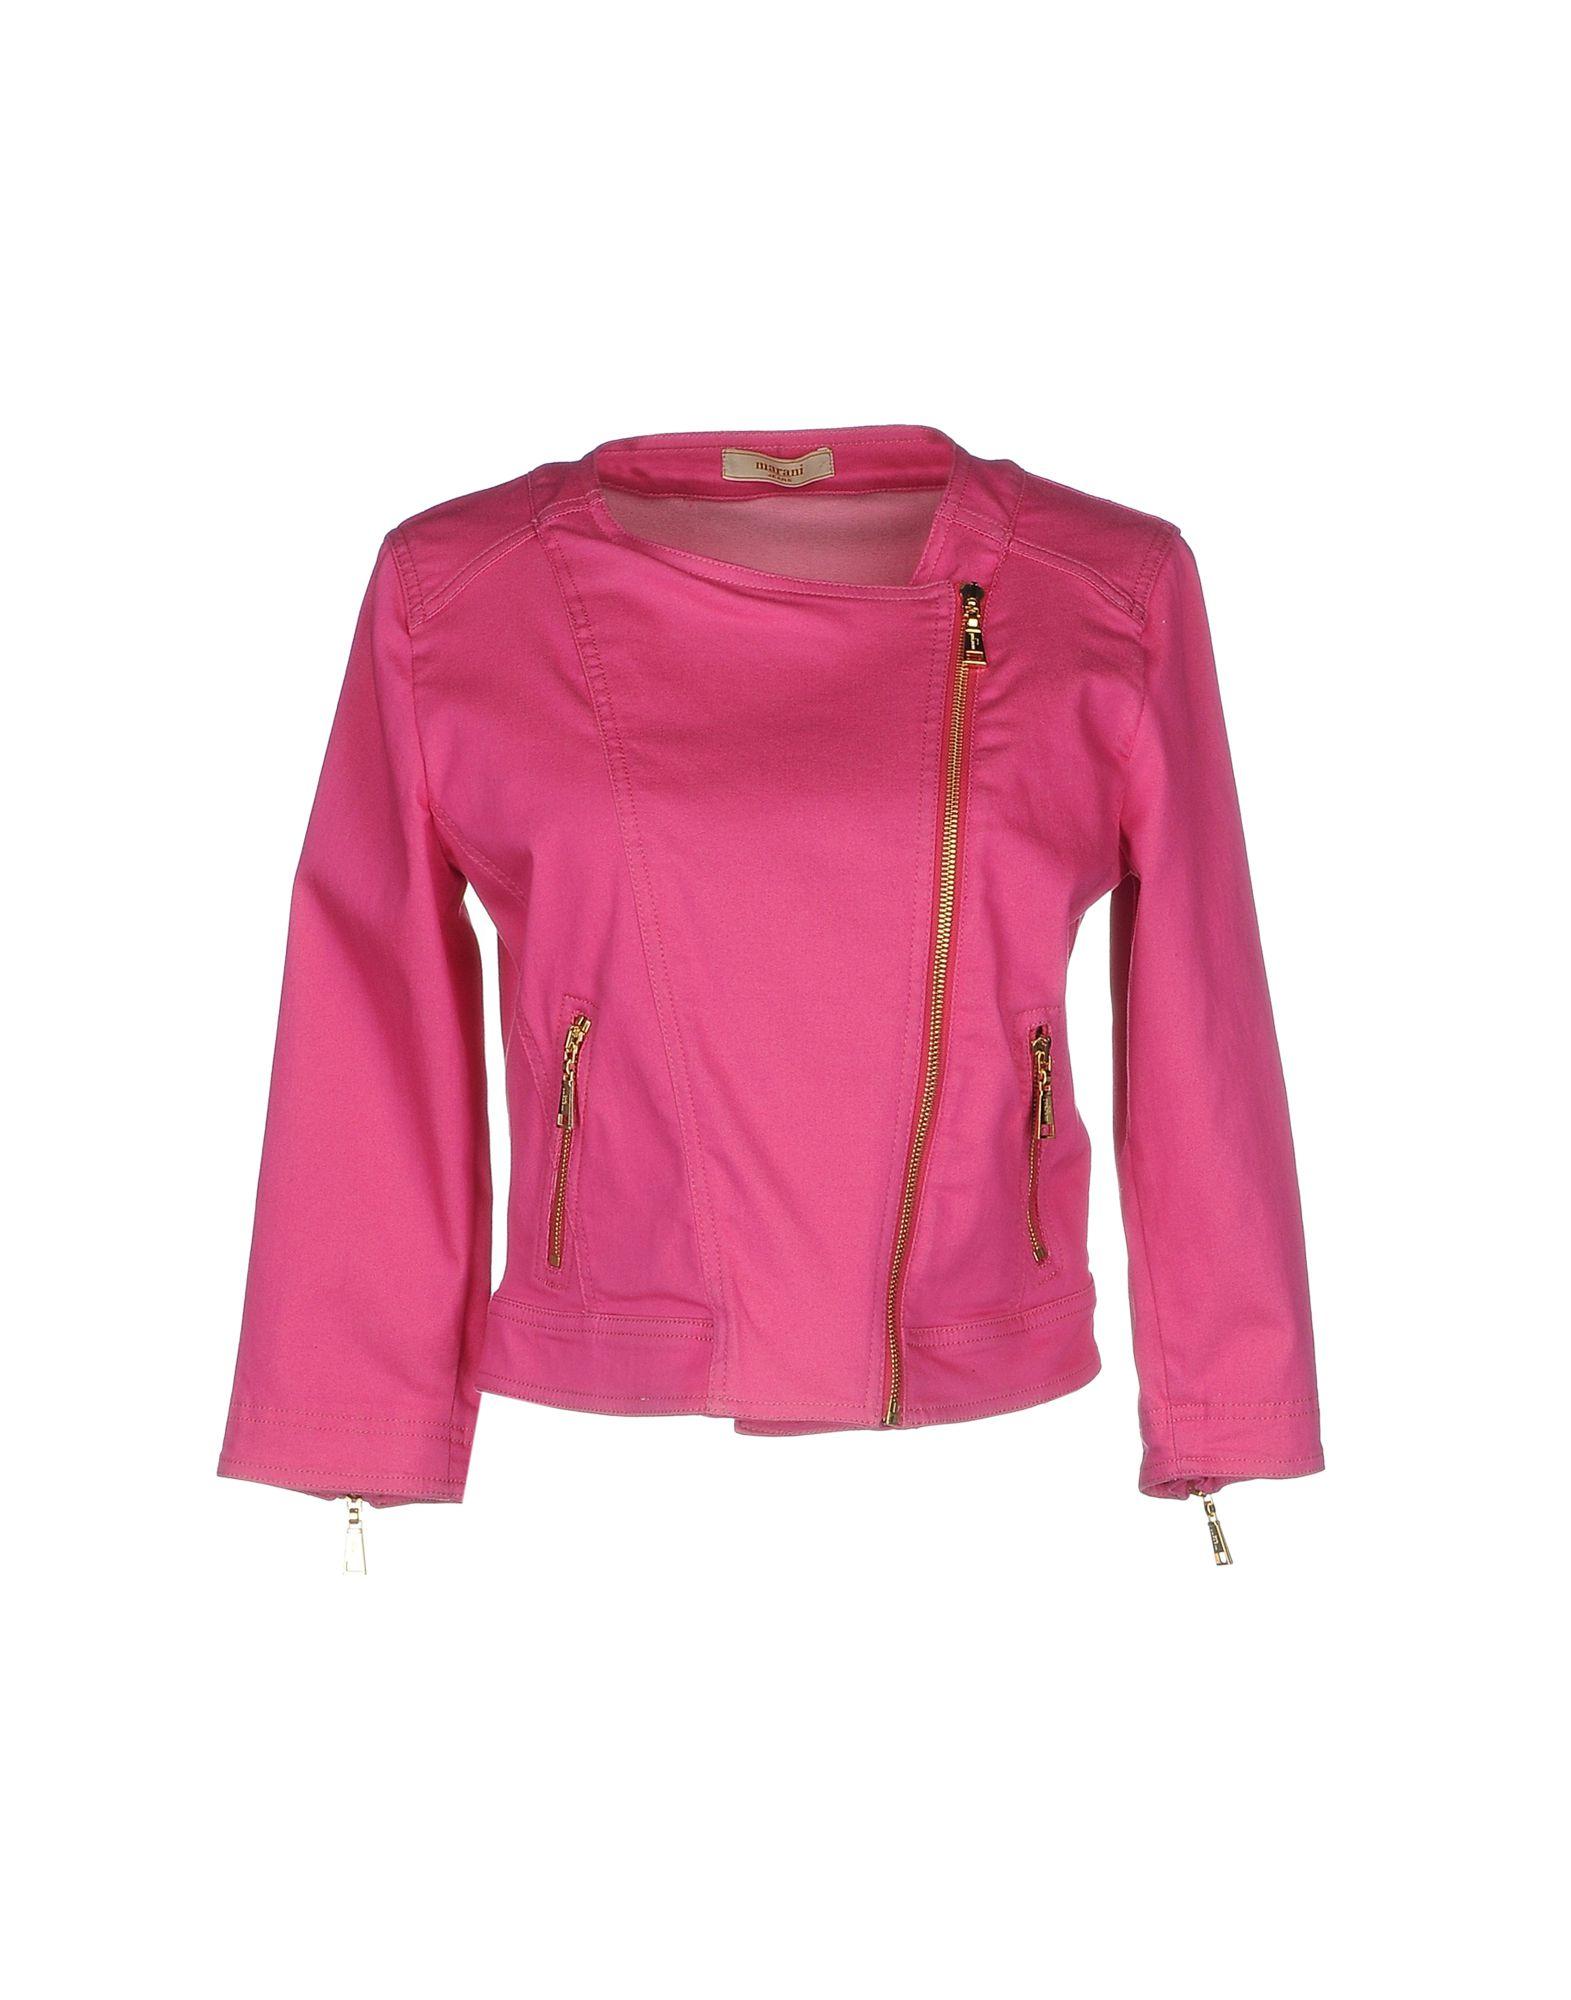 купить MARANI JEANS Джинсовая верхняя одежда по цене 18500 рублей